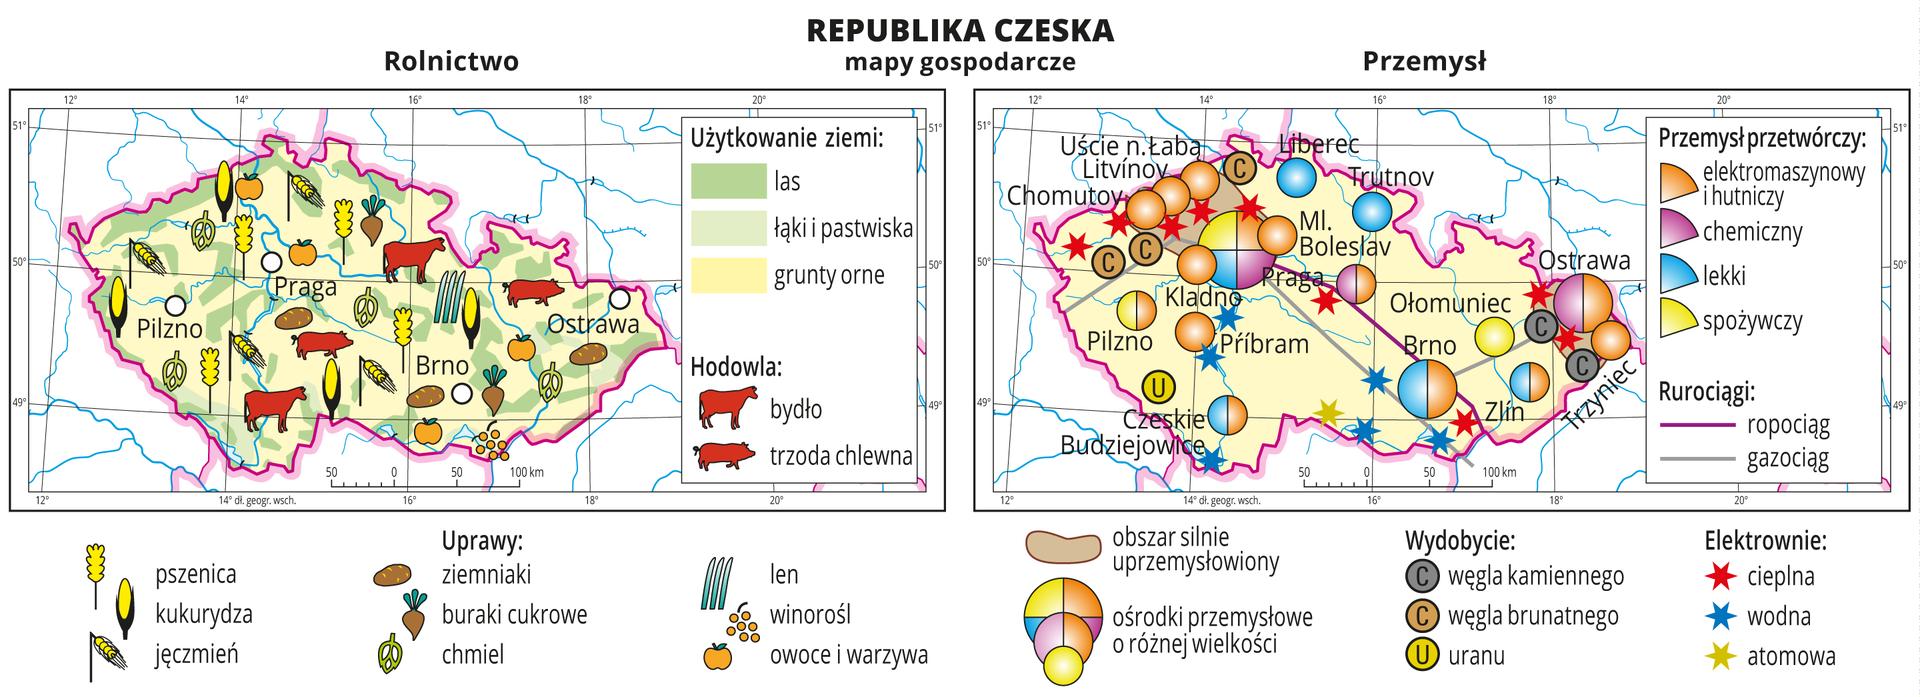 Ilustracja przedstawia dwie mapy gospodarcze Republiki Czeskiej. Mapa pierwsza – rolnictwo, mapa druga – przemysł. Na mapie rolnictwa tło wkolorze żółtym (grunty orne), jasnozielonym (łąki ipastwiska) izielonym (lasy). Na mapie sygnatury obrazujące uprawy roślin (pszenica, kukurydza, jęczmień, ziemniaki, buraki cukrowe, chmiel, len, winorośl, owoce iwarzywa) oraz hodowlę zwierząt (bydło, trzoda chlewna). Na mapie przemysłu sygnatury kołowe – ośrodki przemysłowe. Duże wPradze, Ostrawie, Brnie, kilkanaście mniejszych. Przemysł elektromaszynowy ihutniczy wprzewadze, chemiczny, lekki oraz spożywczy. Kilka elektrowni cieplnych iwodnych oznaczonych kolorowymi gwiazdkami, jedna elektrownia atomowa, ropociąg igazociąg oznaczone liniami. Sygnaturami oznaczone wydobycie węgla kamiennego, węgla brunatnego iuranu. Obie mapy zawierają południki irównoleżniki, dookoła map wbiałych ramkach opisano współrzędne.